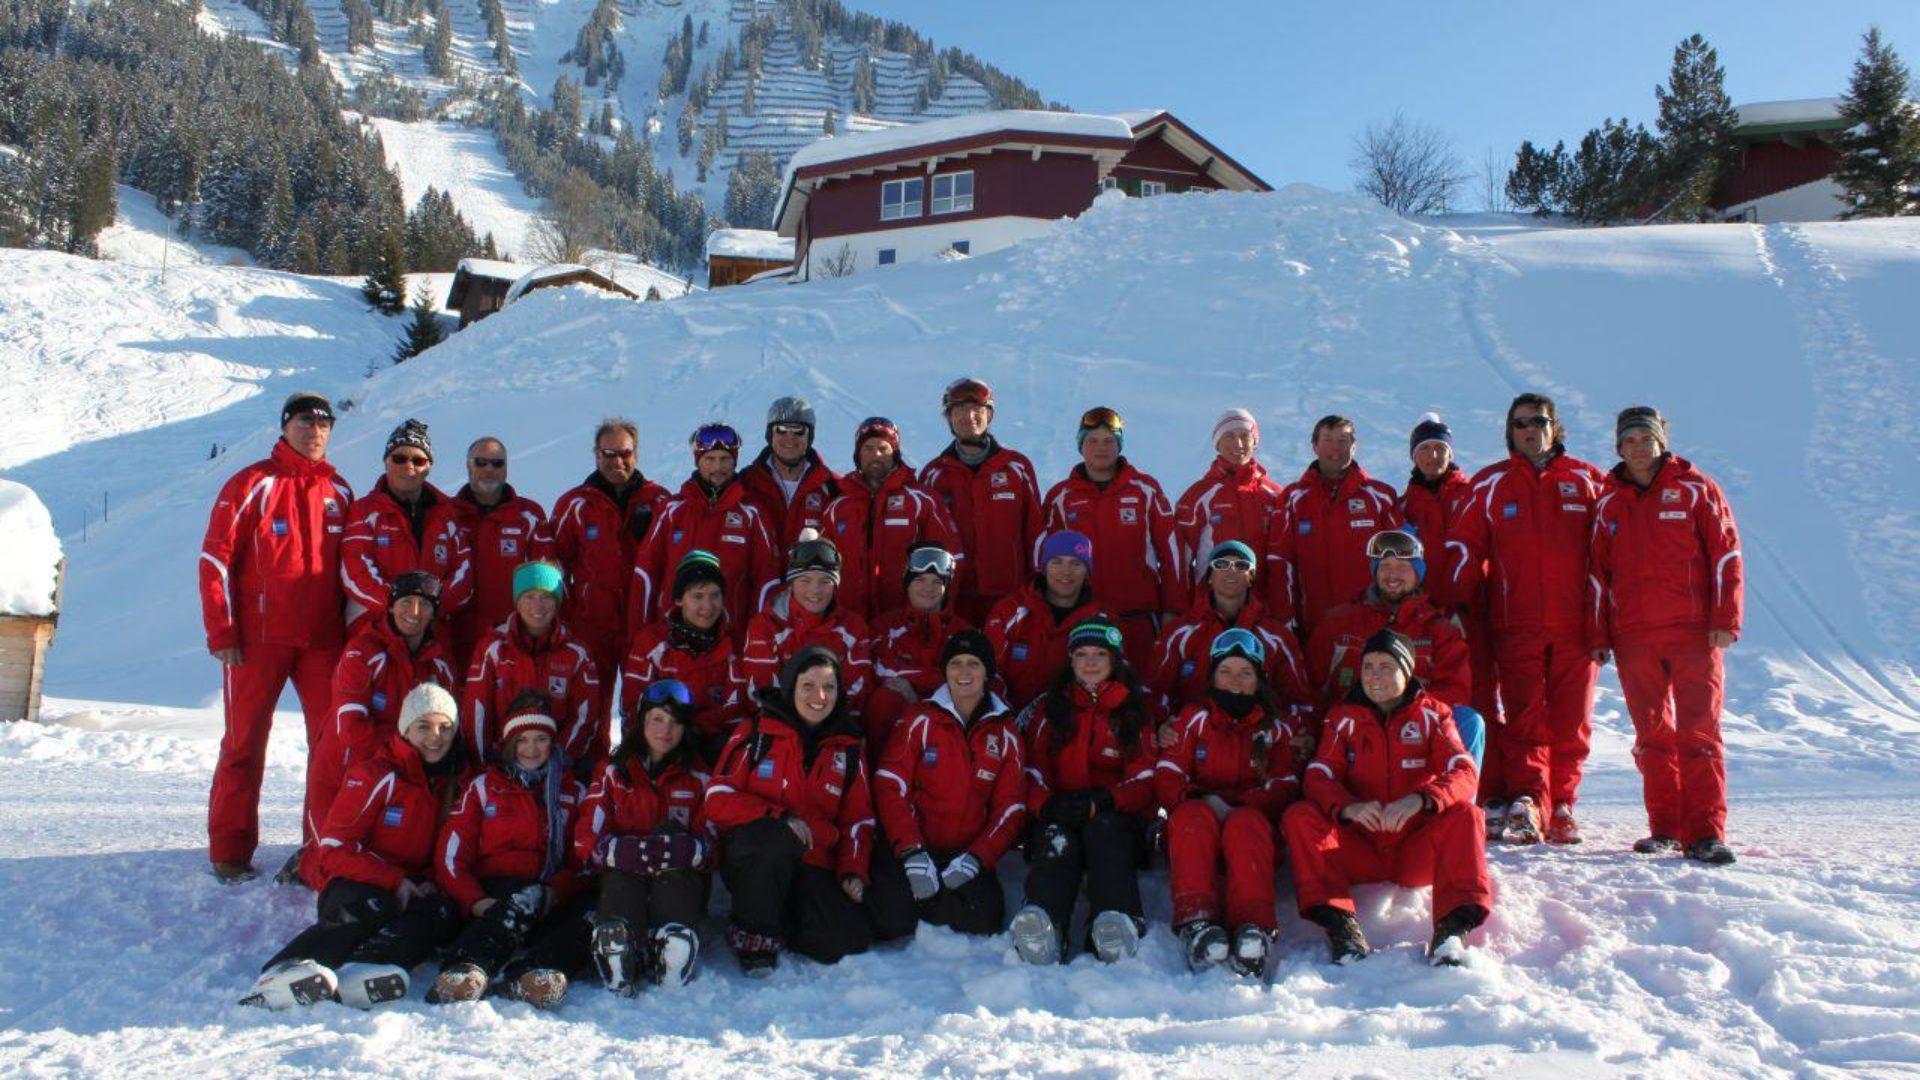 Skischule Riezlern Team